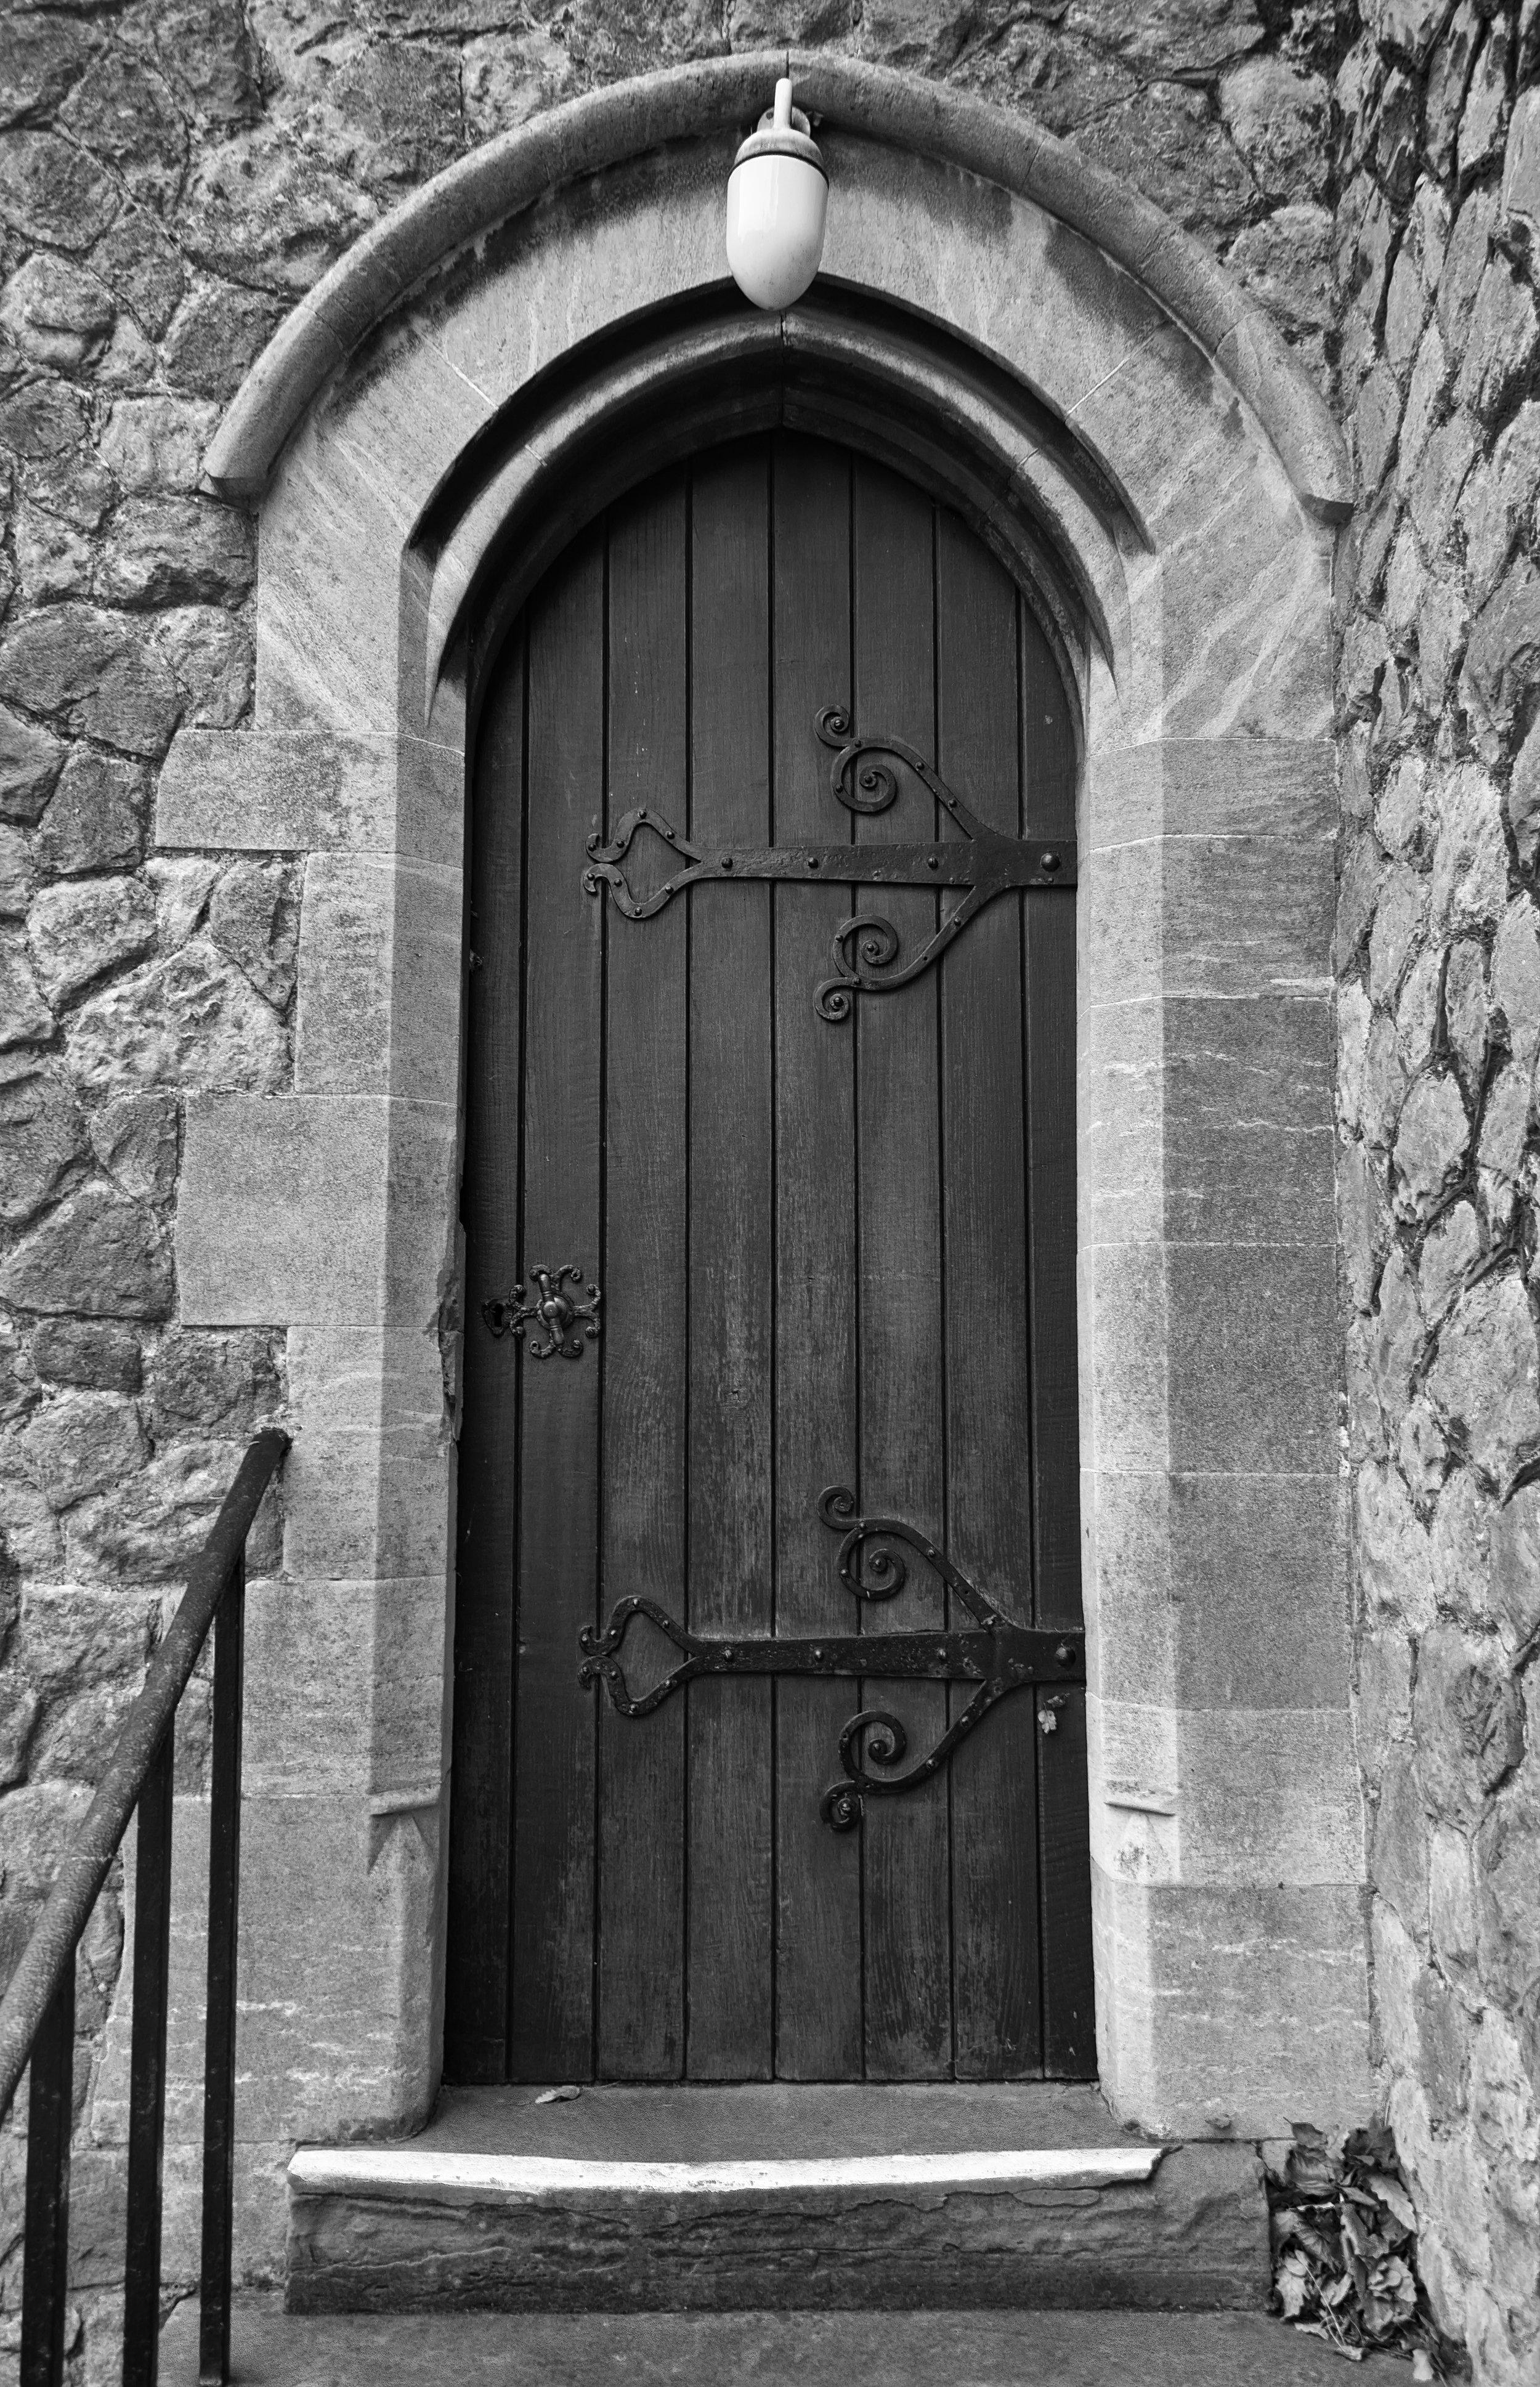 door-to-st-peter--st-pauls-church-dover_30400106878_o.jpg